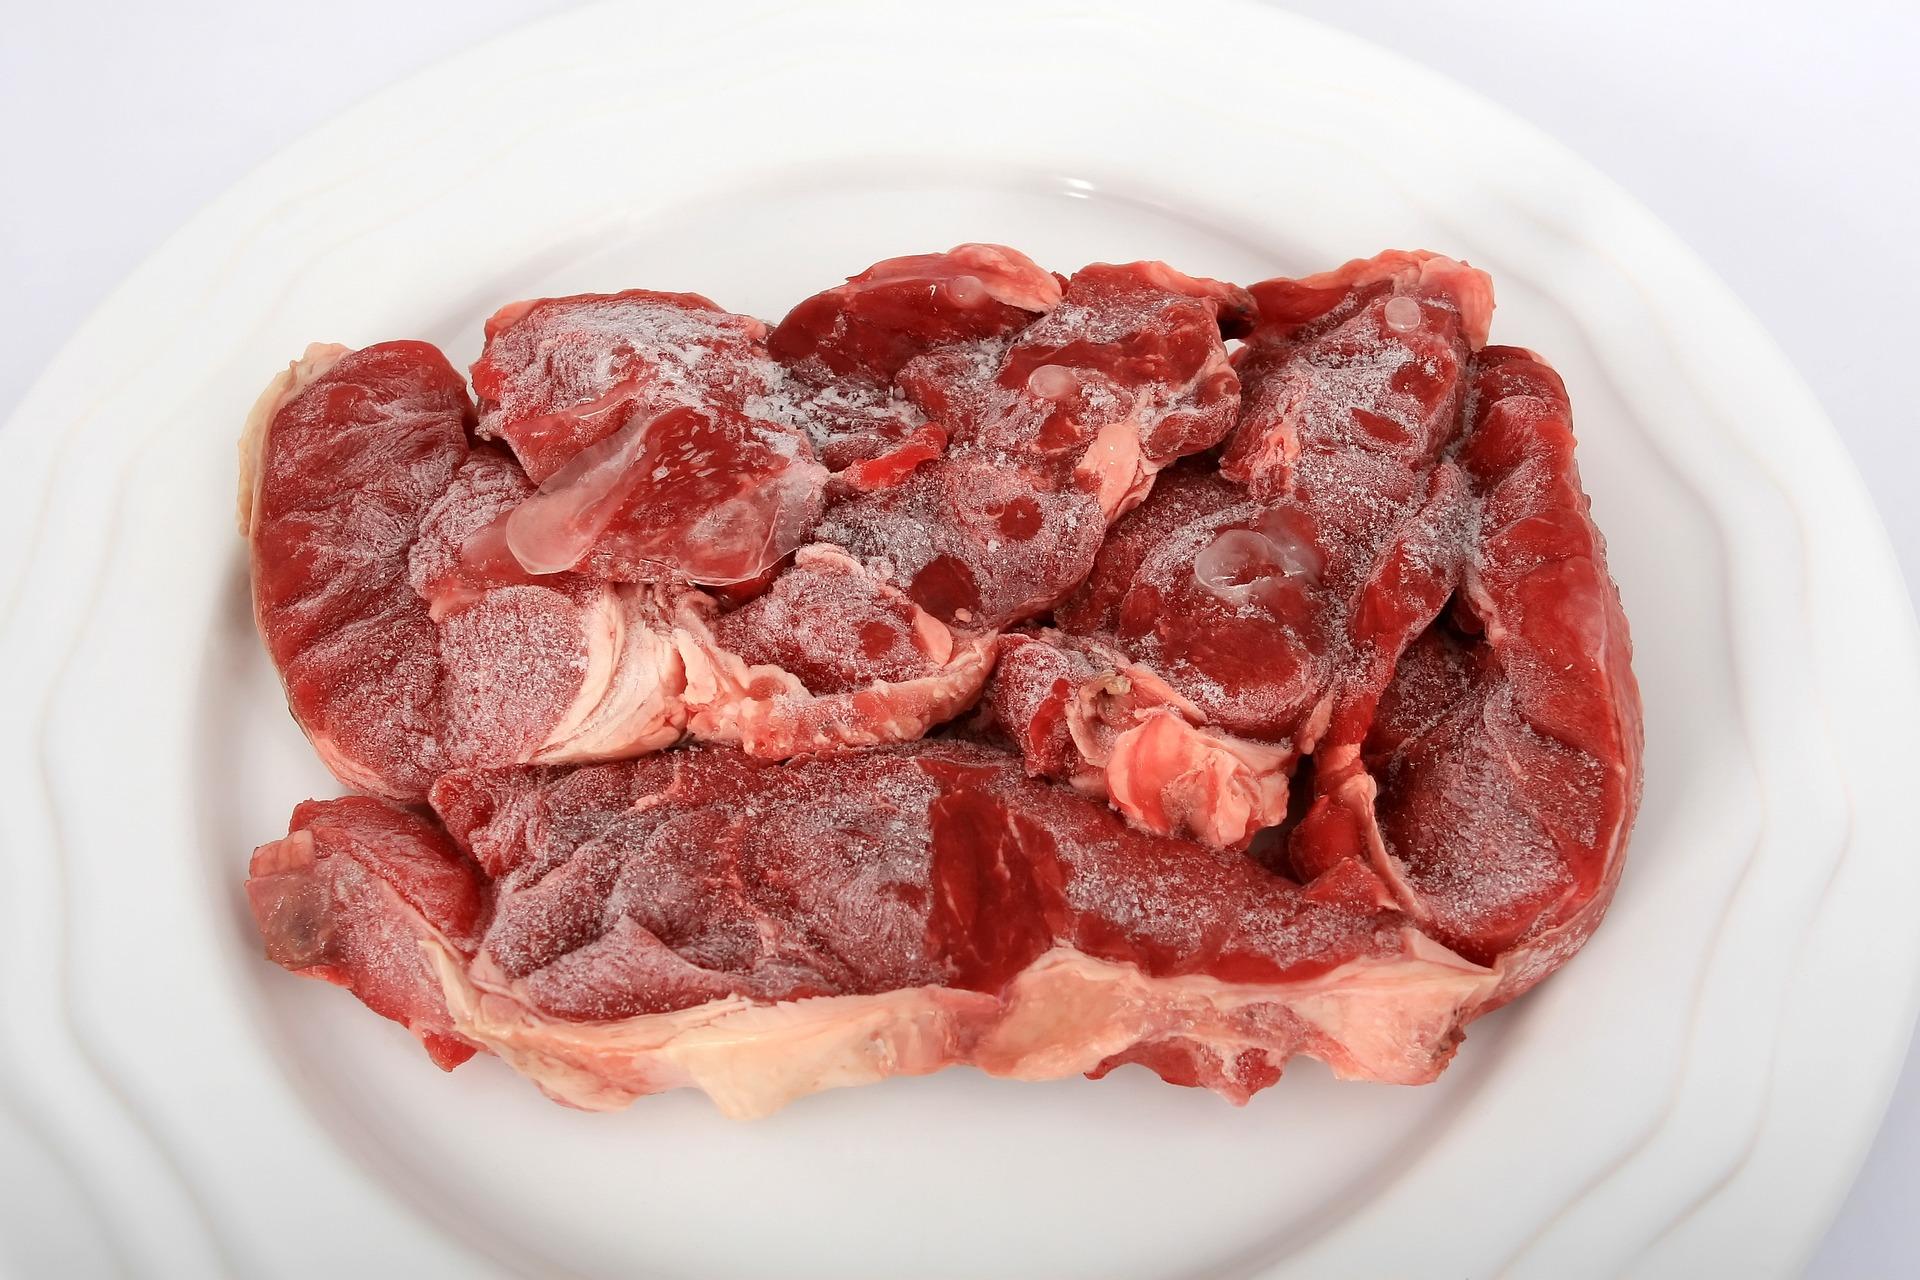 Frozen beef scandal